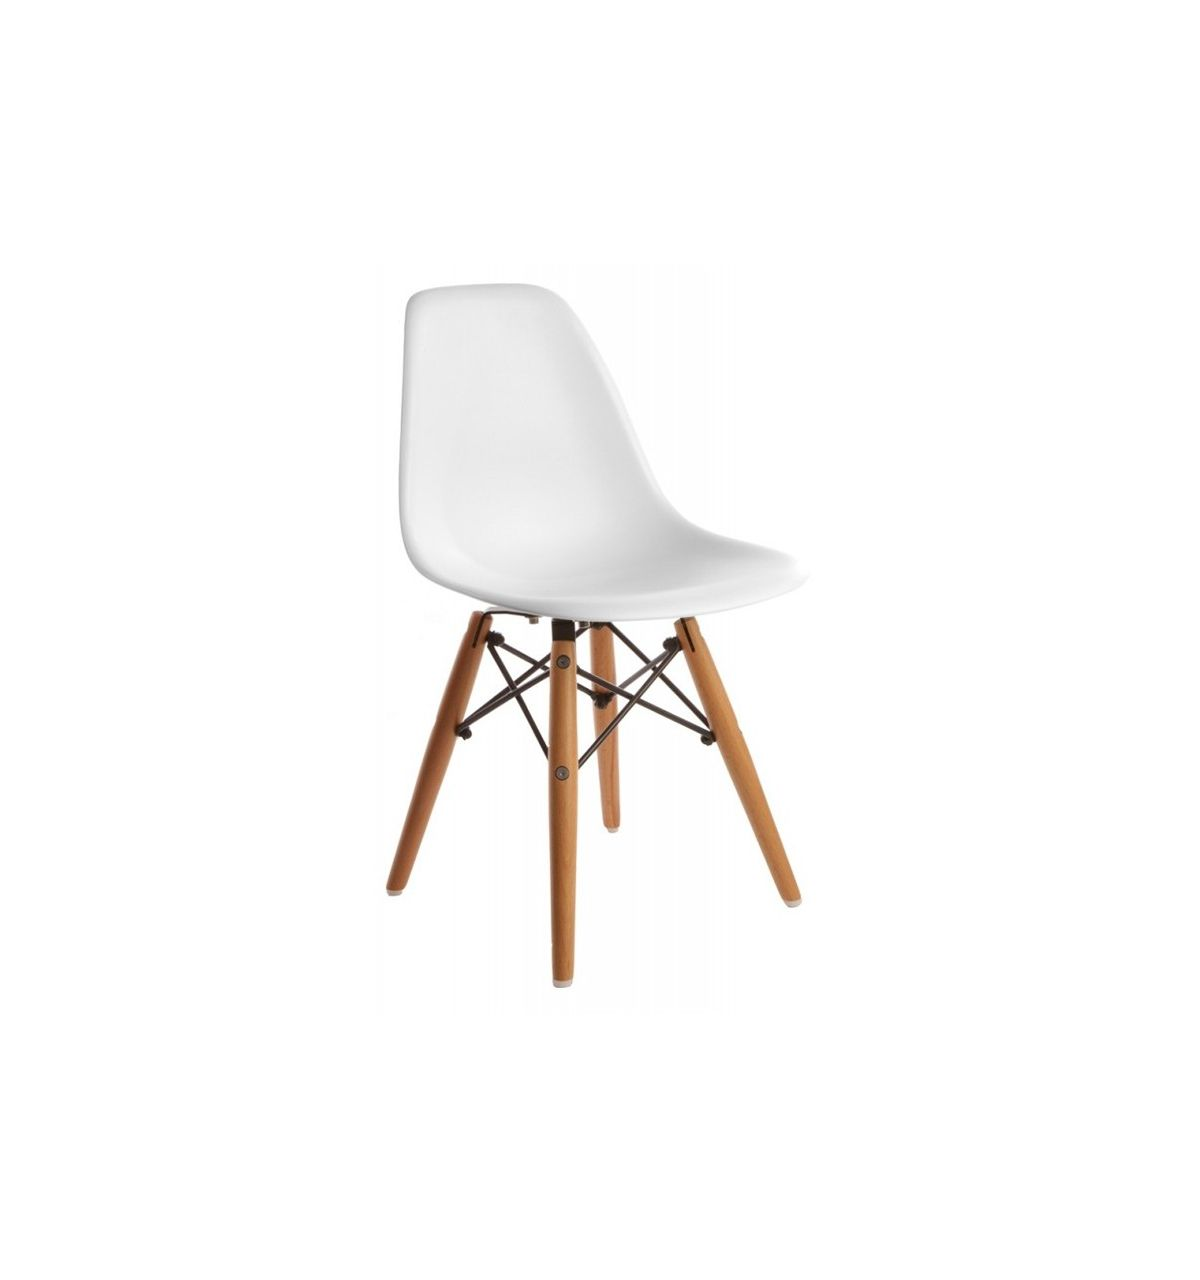 C r eames sedia dsw design per bambini - Sedia eames originale ...